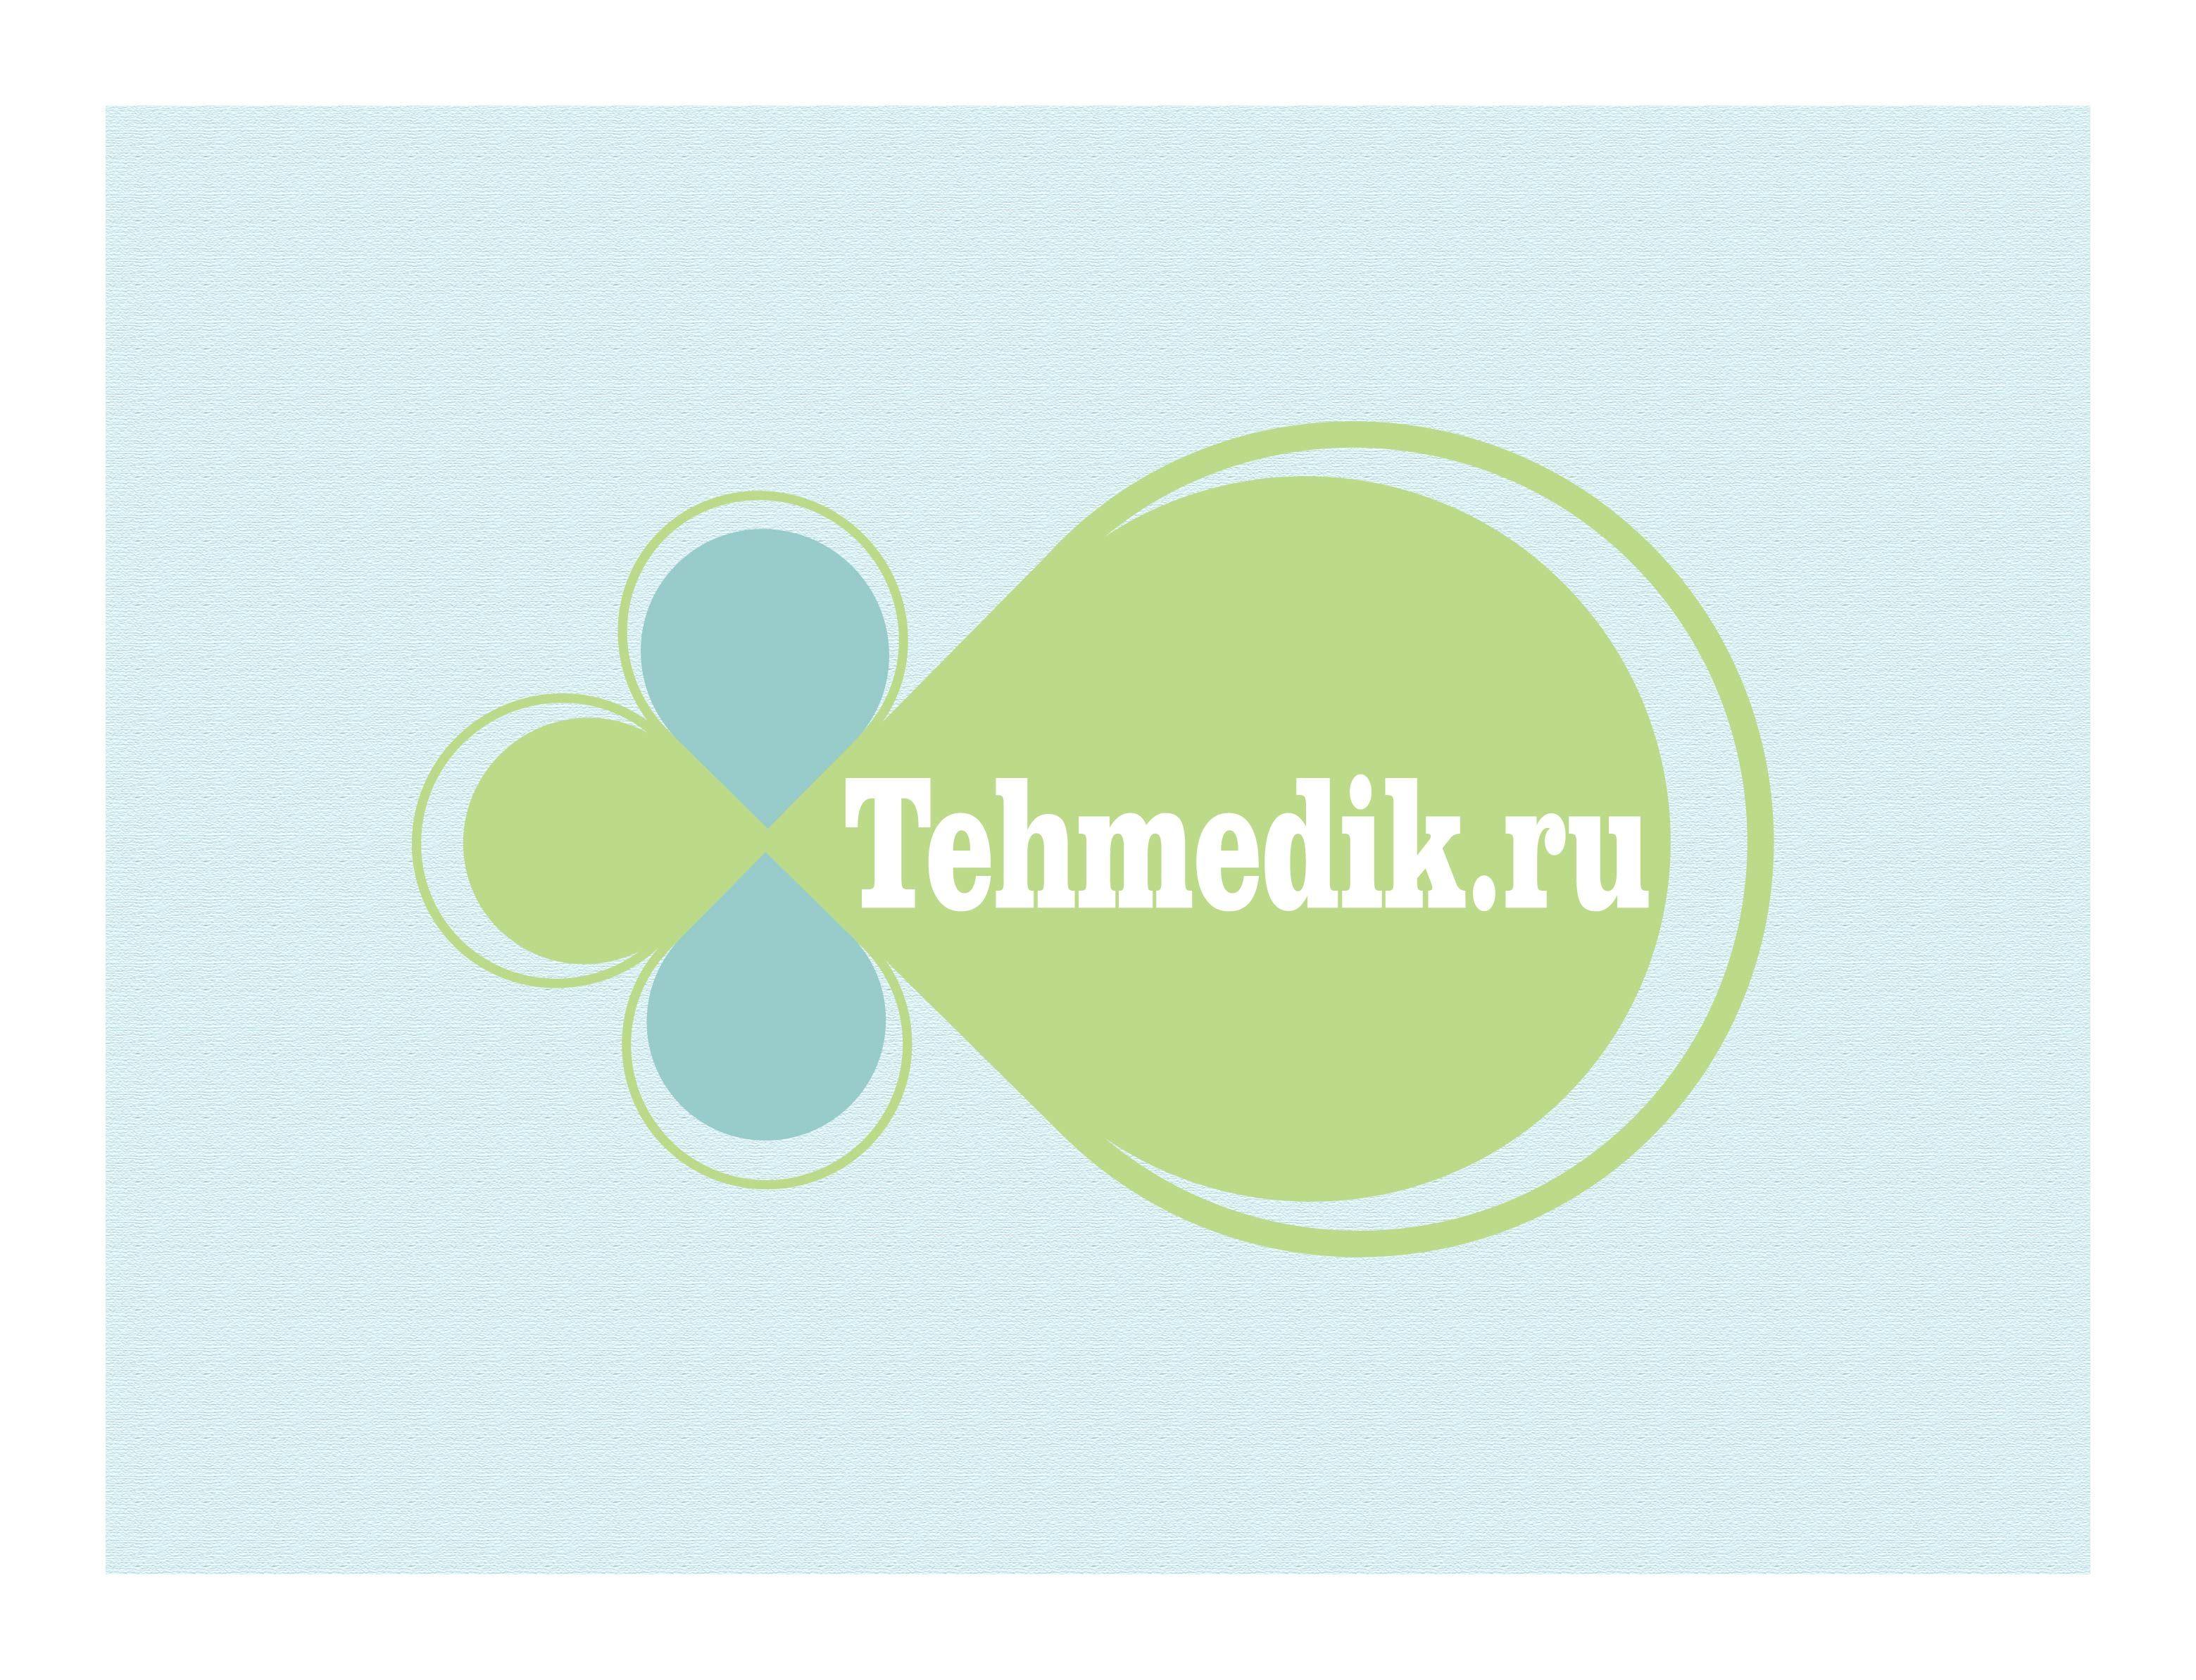 Логотип для интернет-магазина медтехники - дизайнер Agaf_D